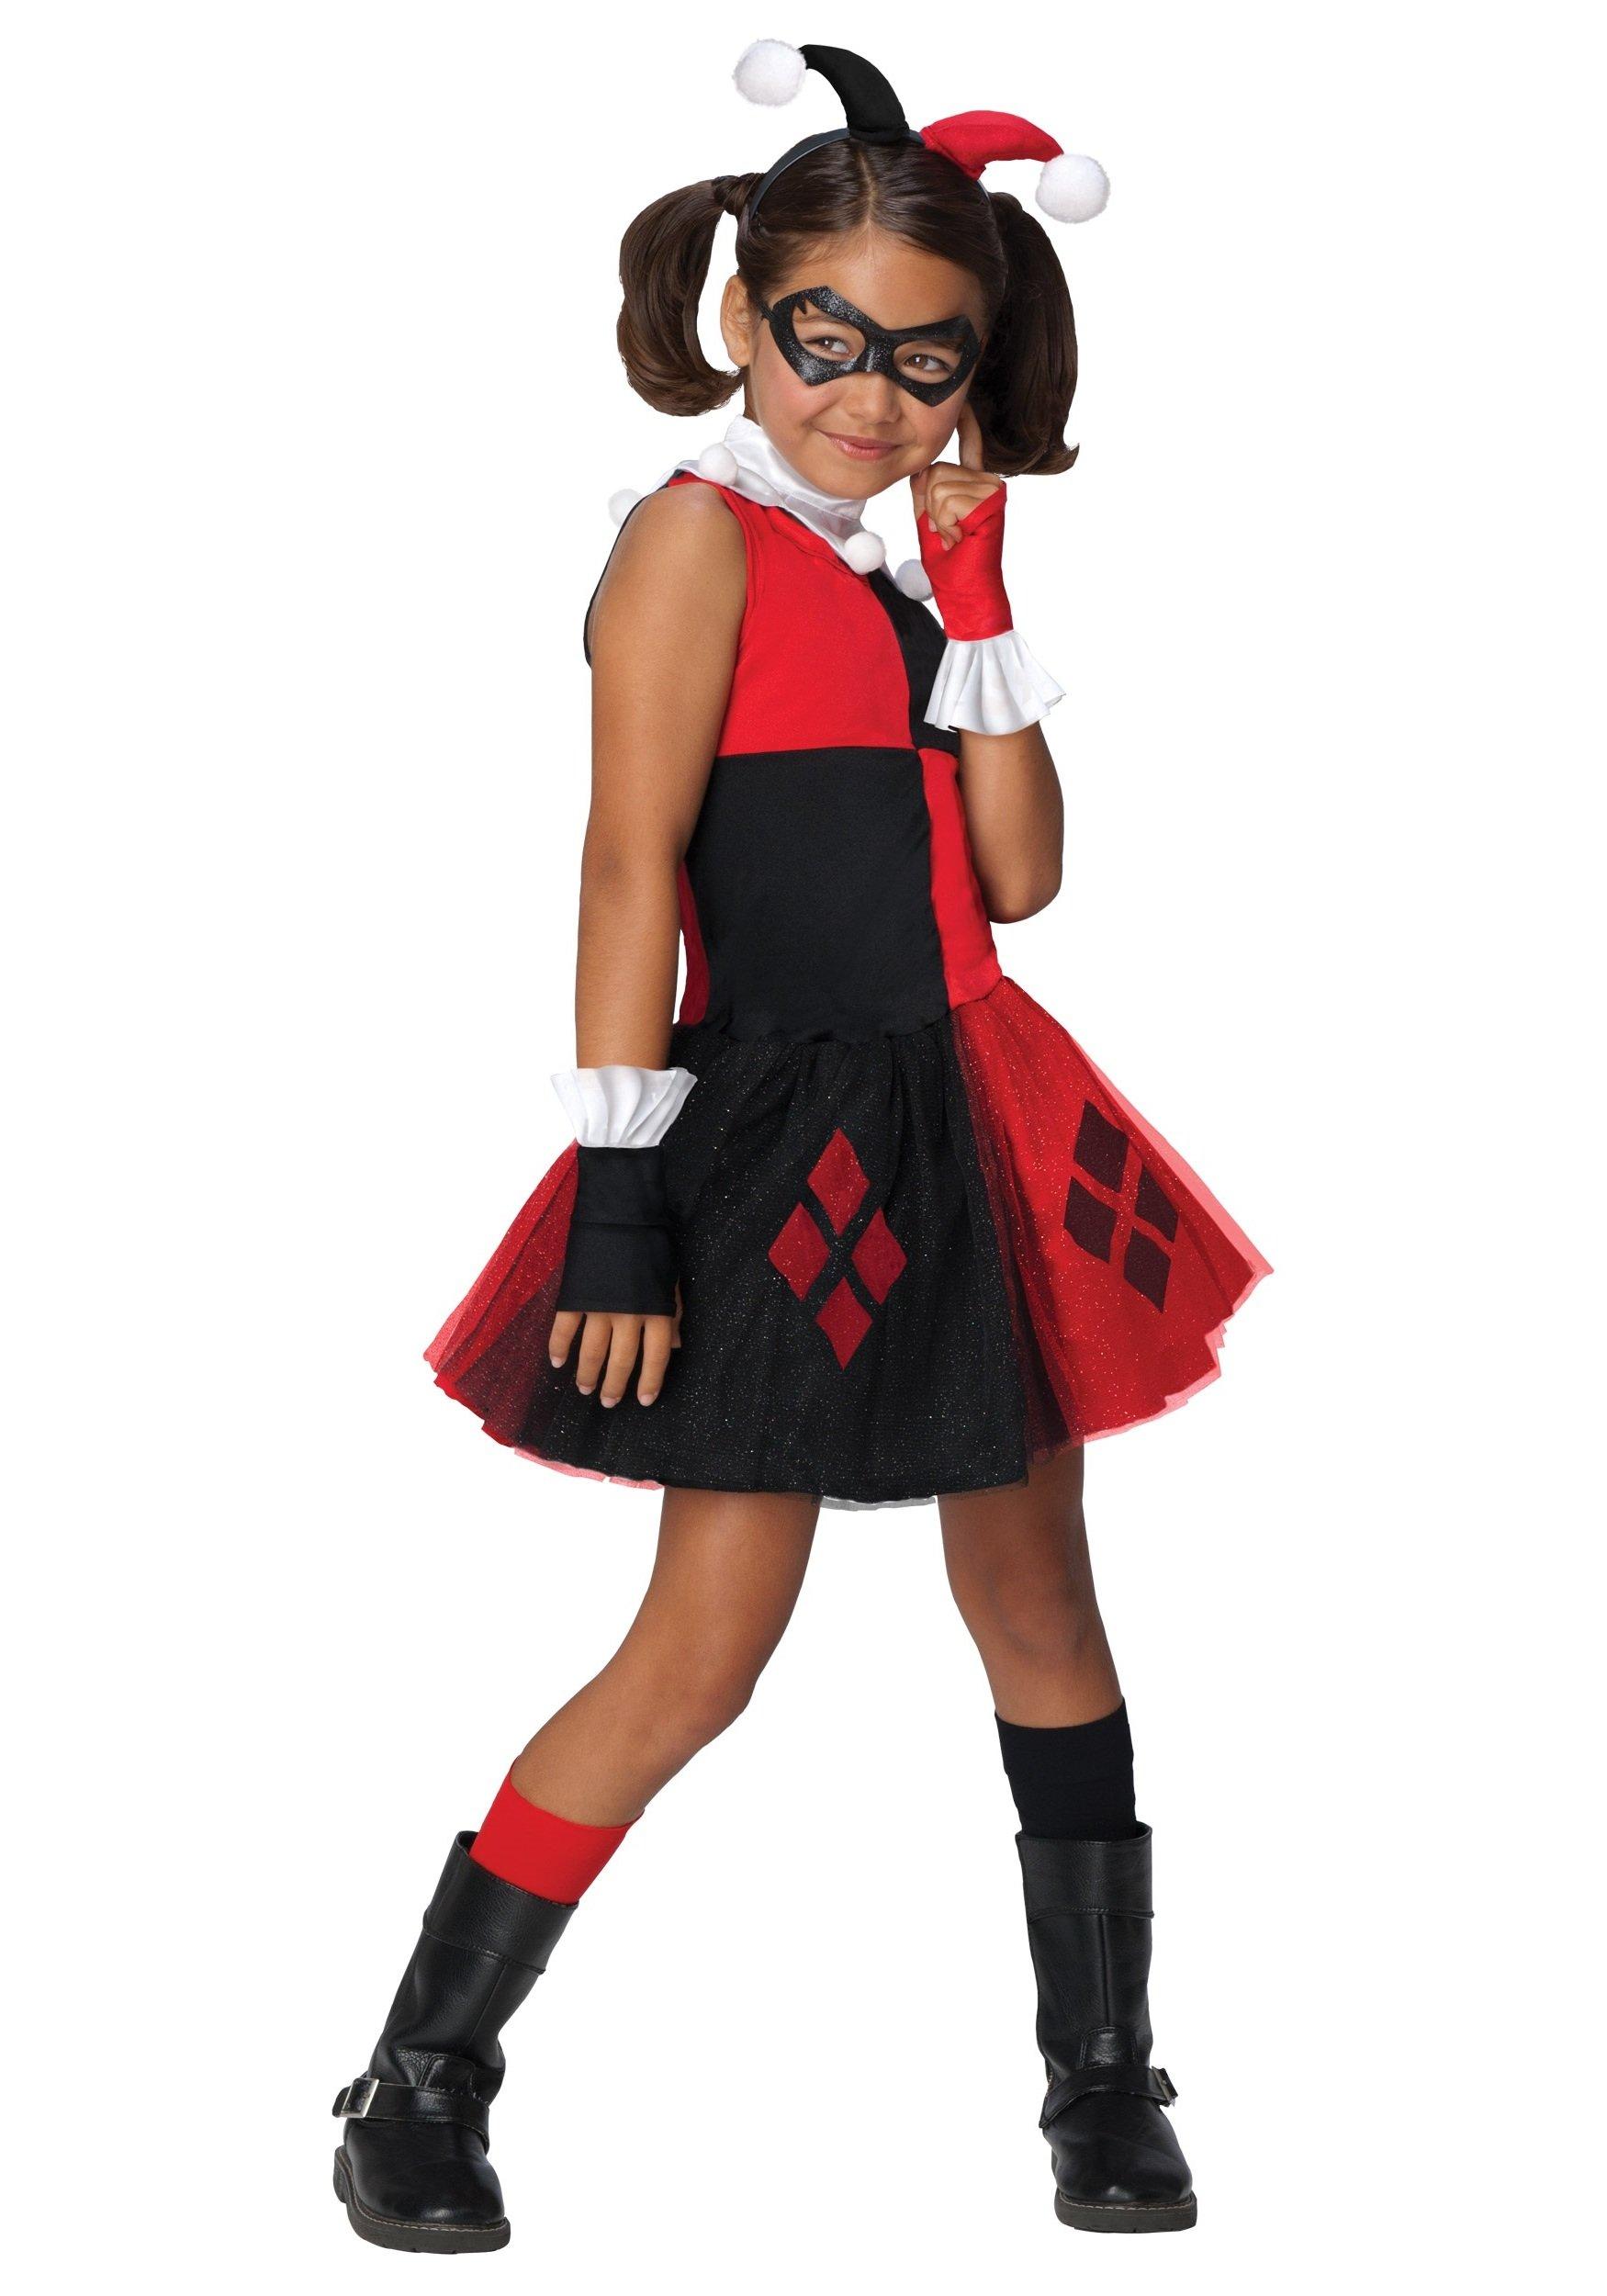 Harley Quinn Kostüm mit schwarzer Maske